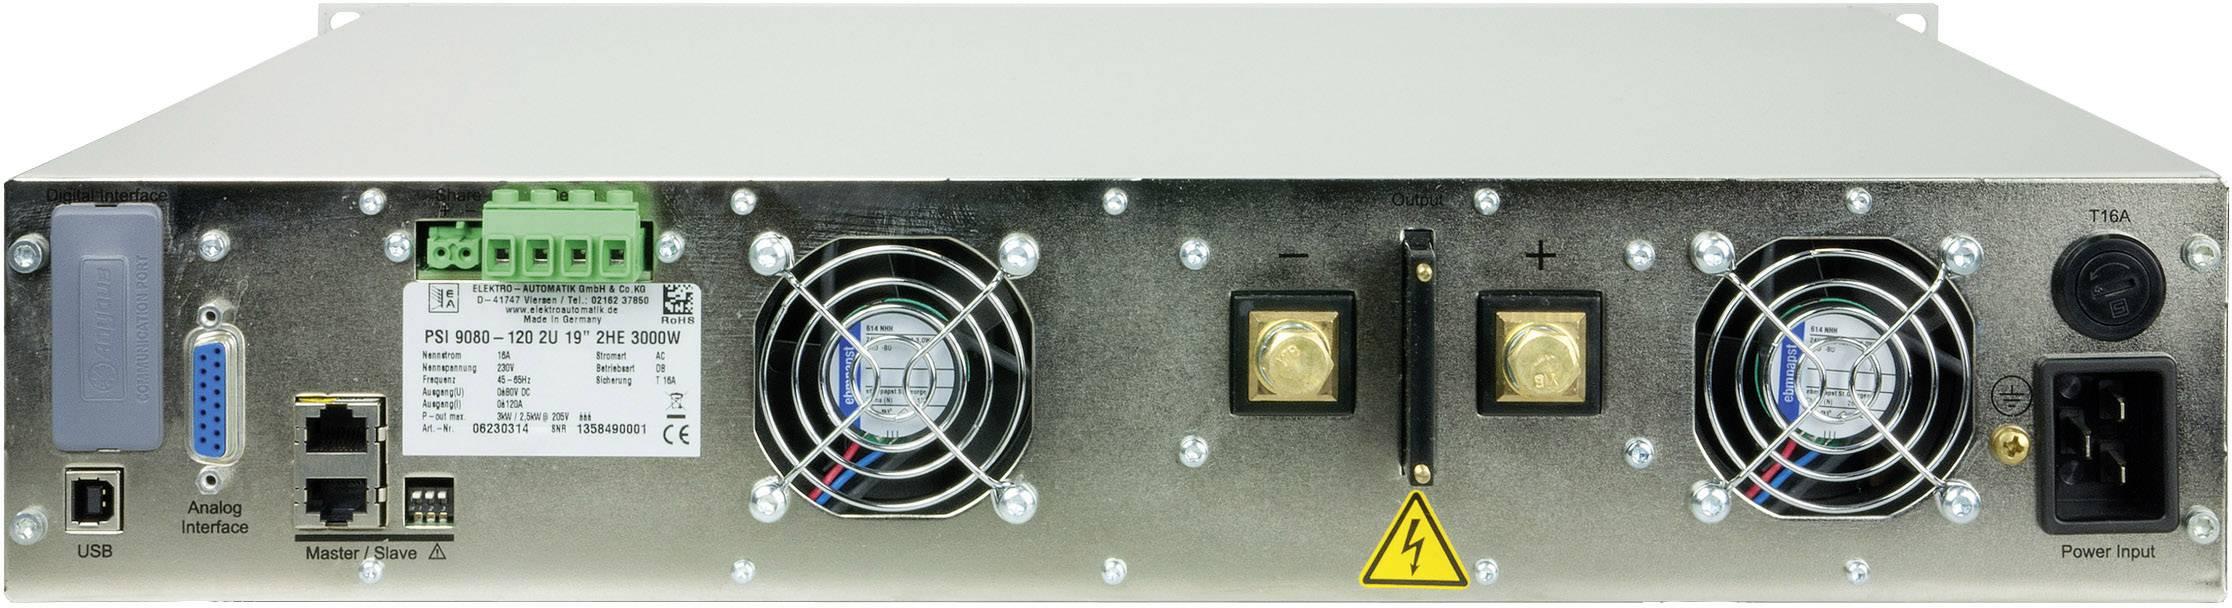 Programovateľný laboratórny zdroj EA EA-PSI 9360-10, 2U, 360 V, 10 A, 1000 W, USB